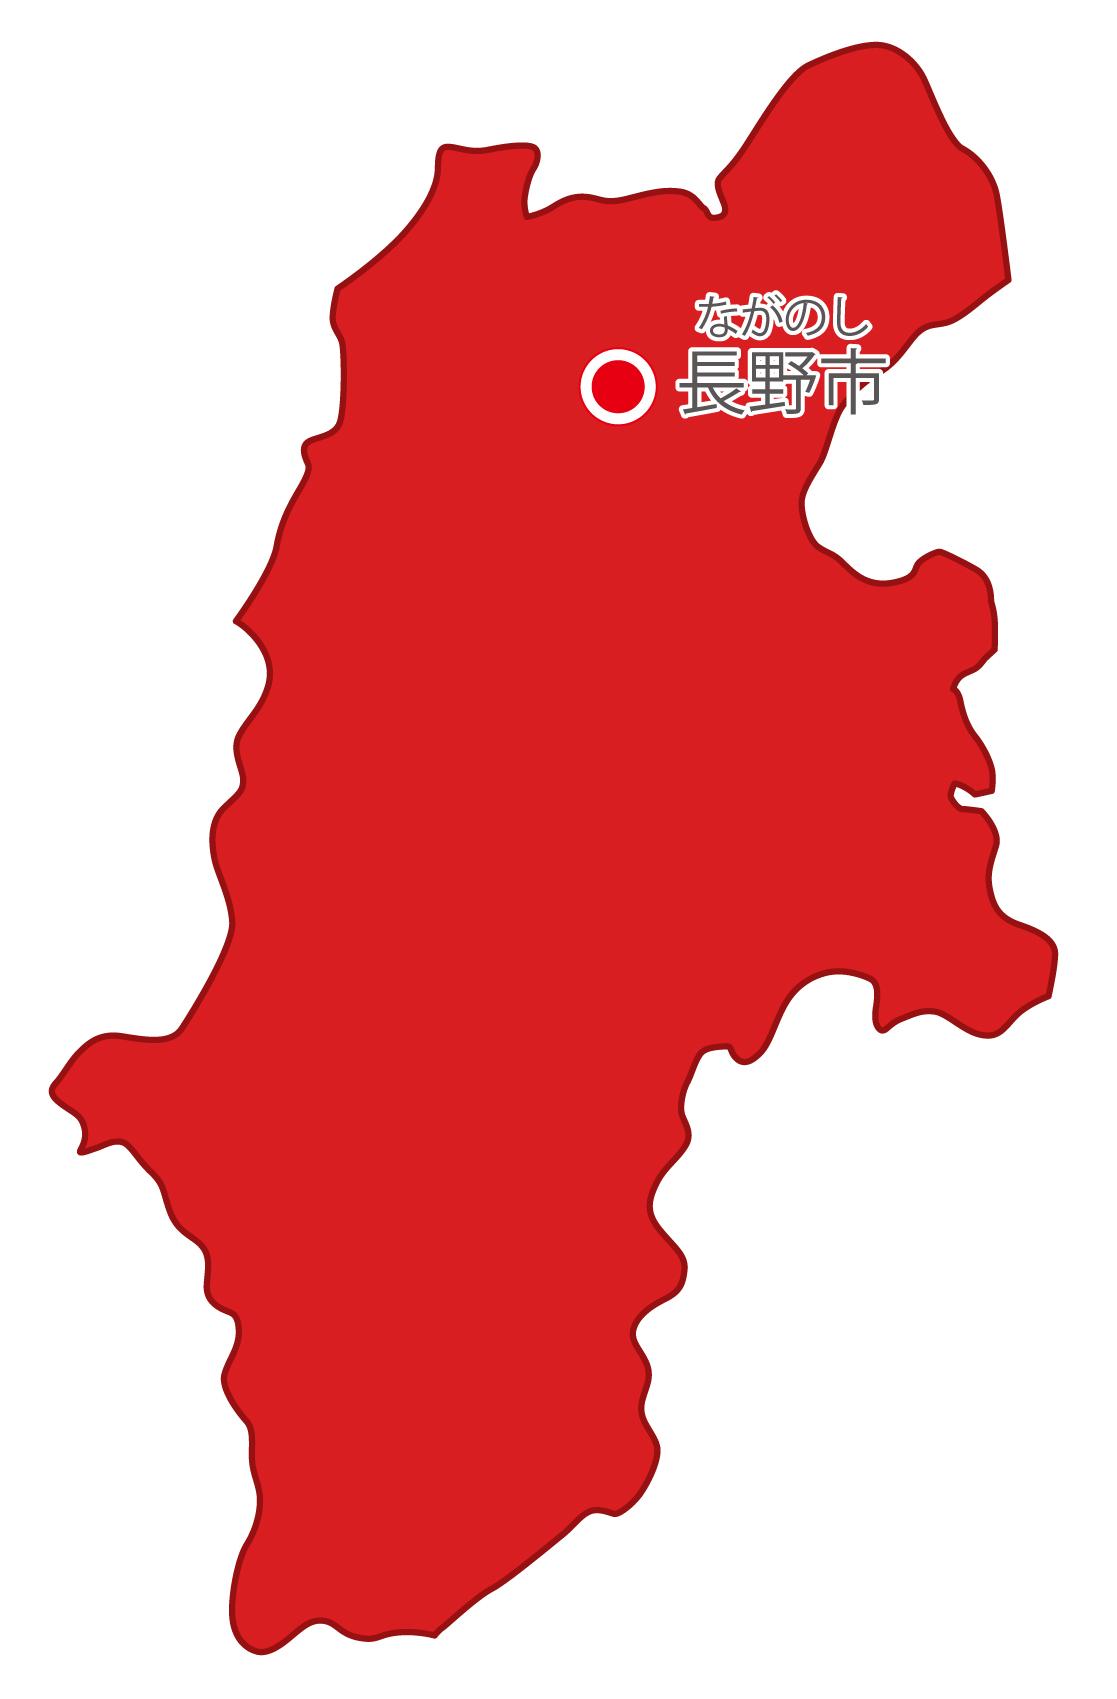 長野県無料フリーイラスト|日本語・県庁所在地あり・ルビあり(赤)